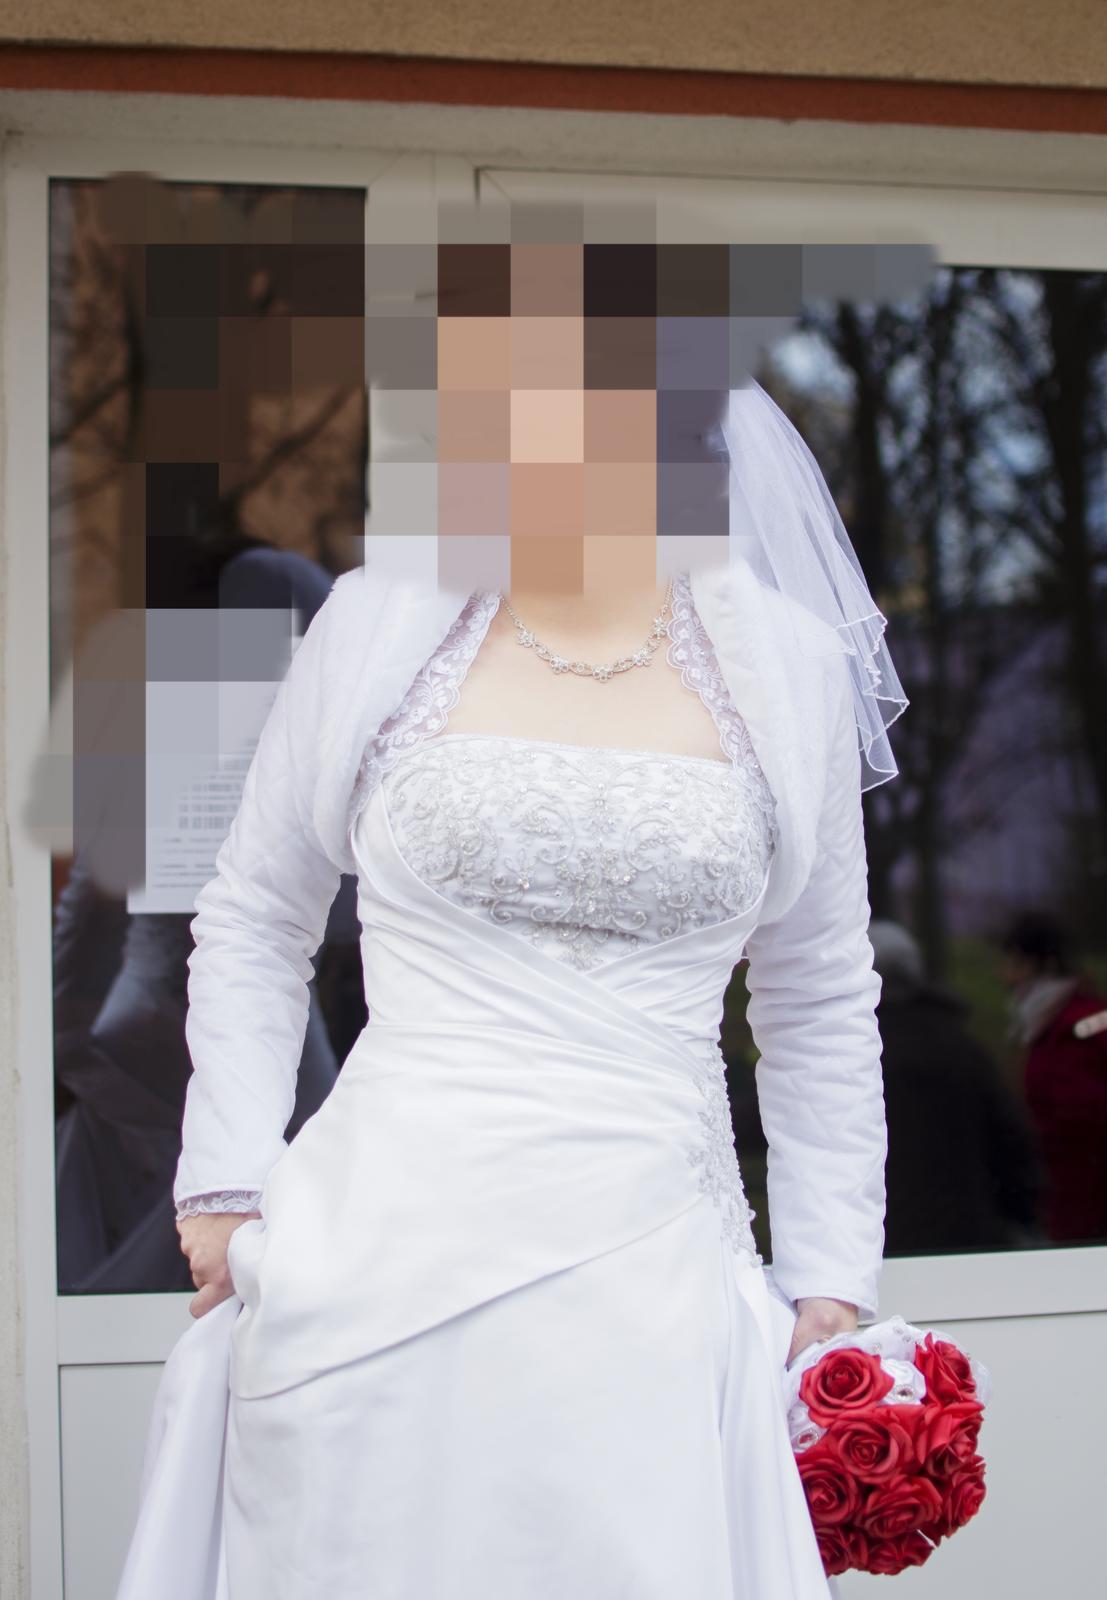 44b689e11 Svadobné šaty na viazanie 38-40, 38 - 50 € | Svadobný bazár | Mojasvadba.sk